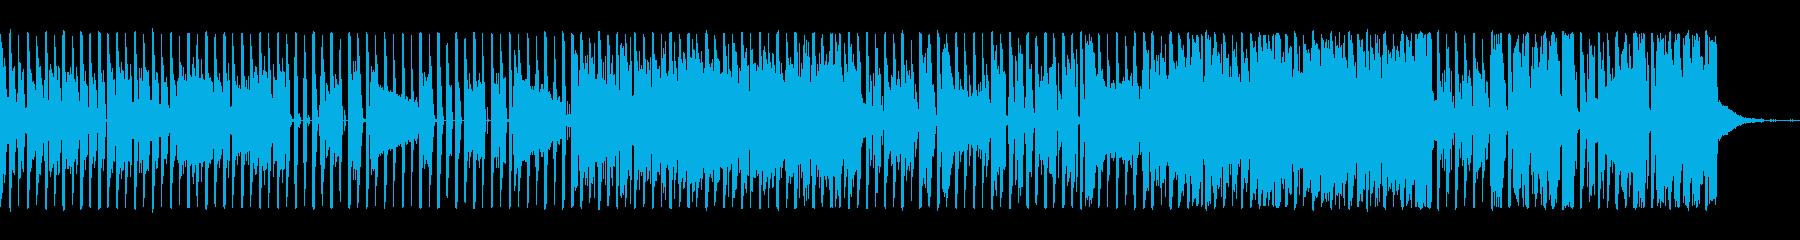 ロックンロールの方法ビルヘイリー。...の再生済みの波形